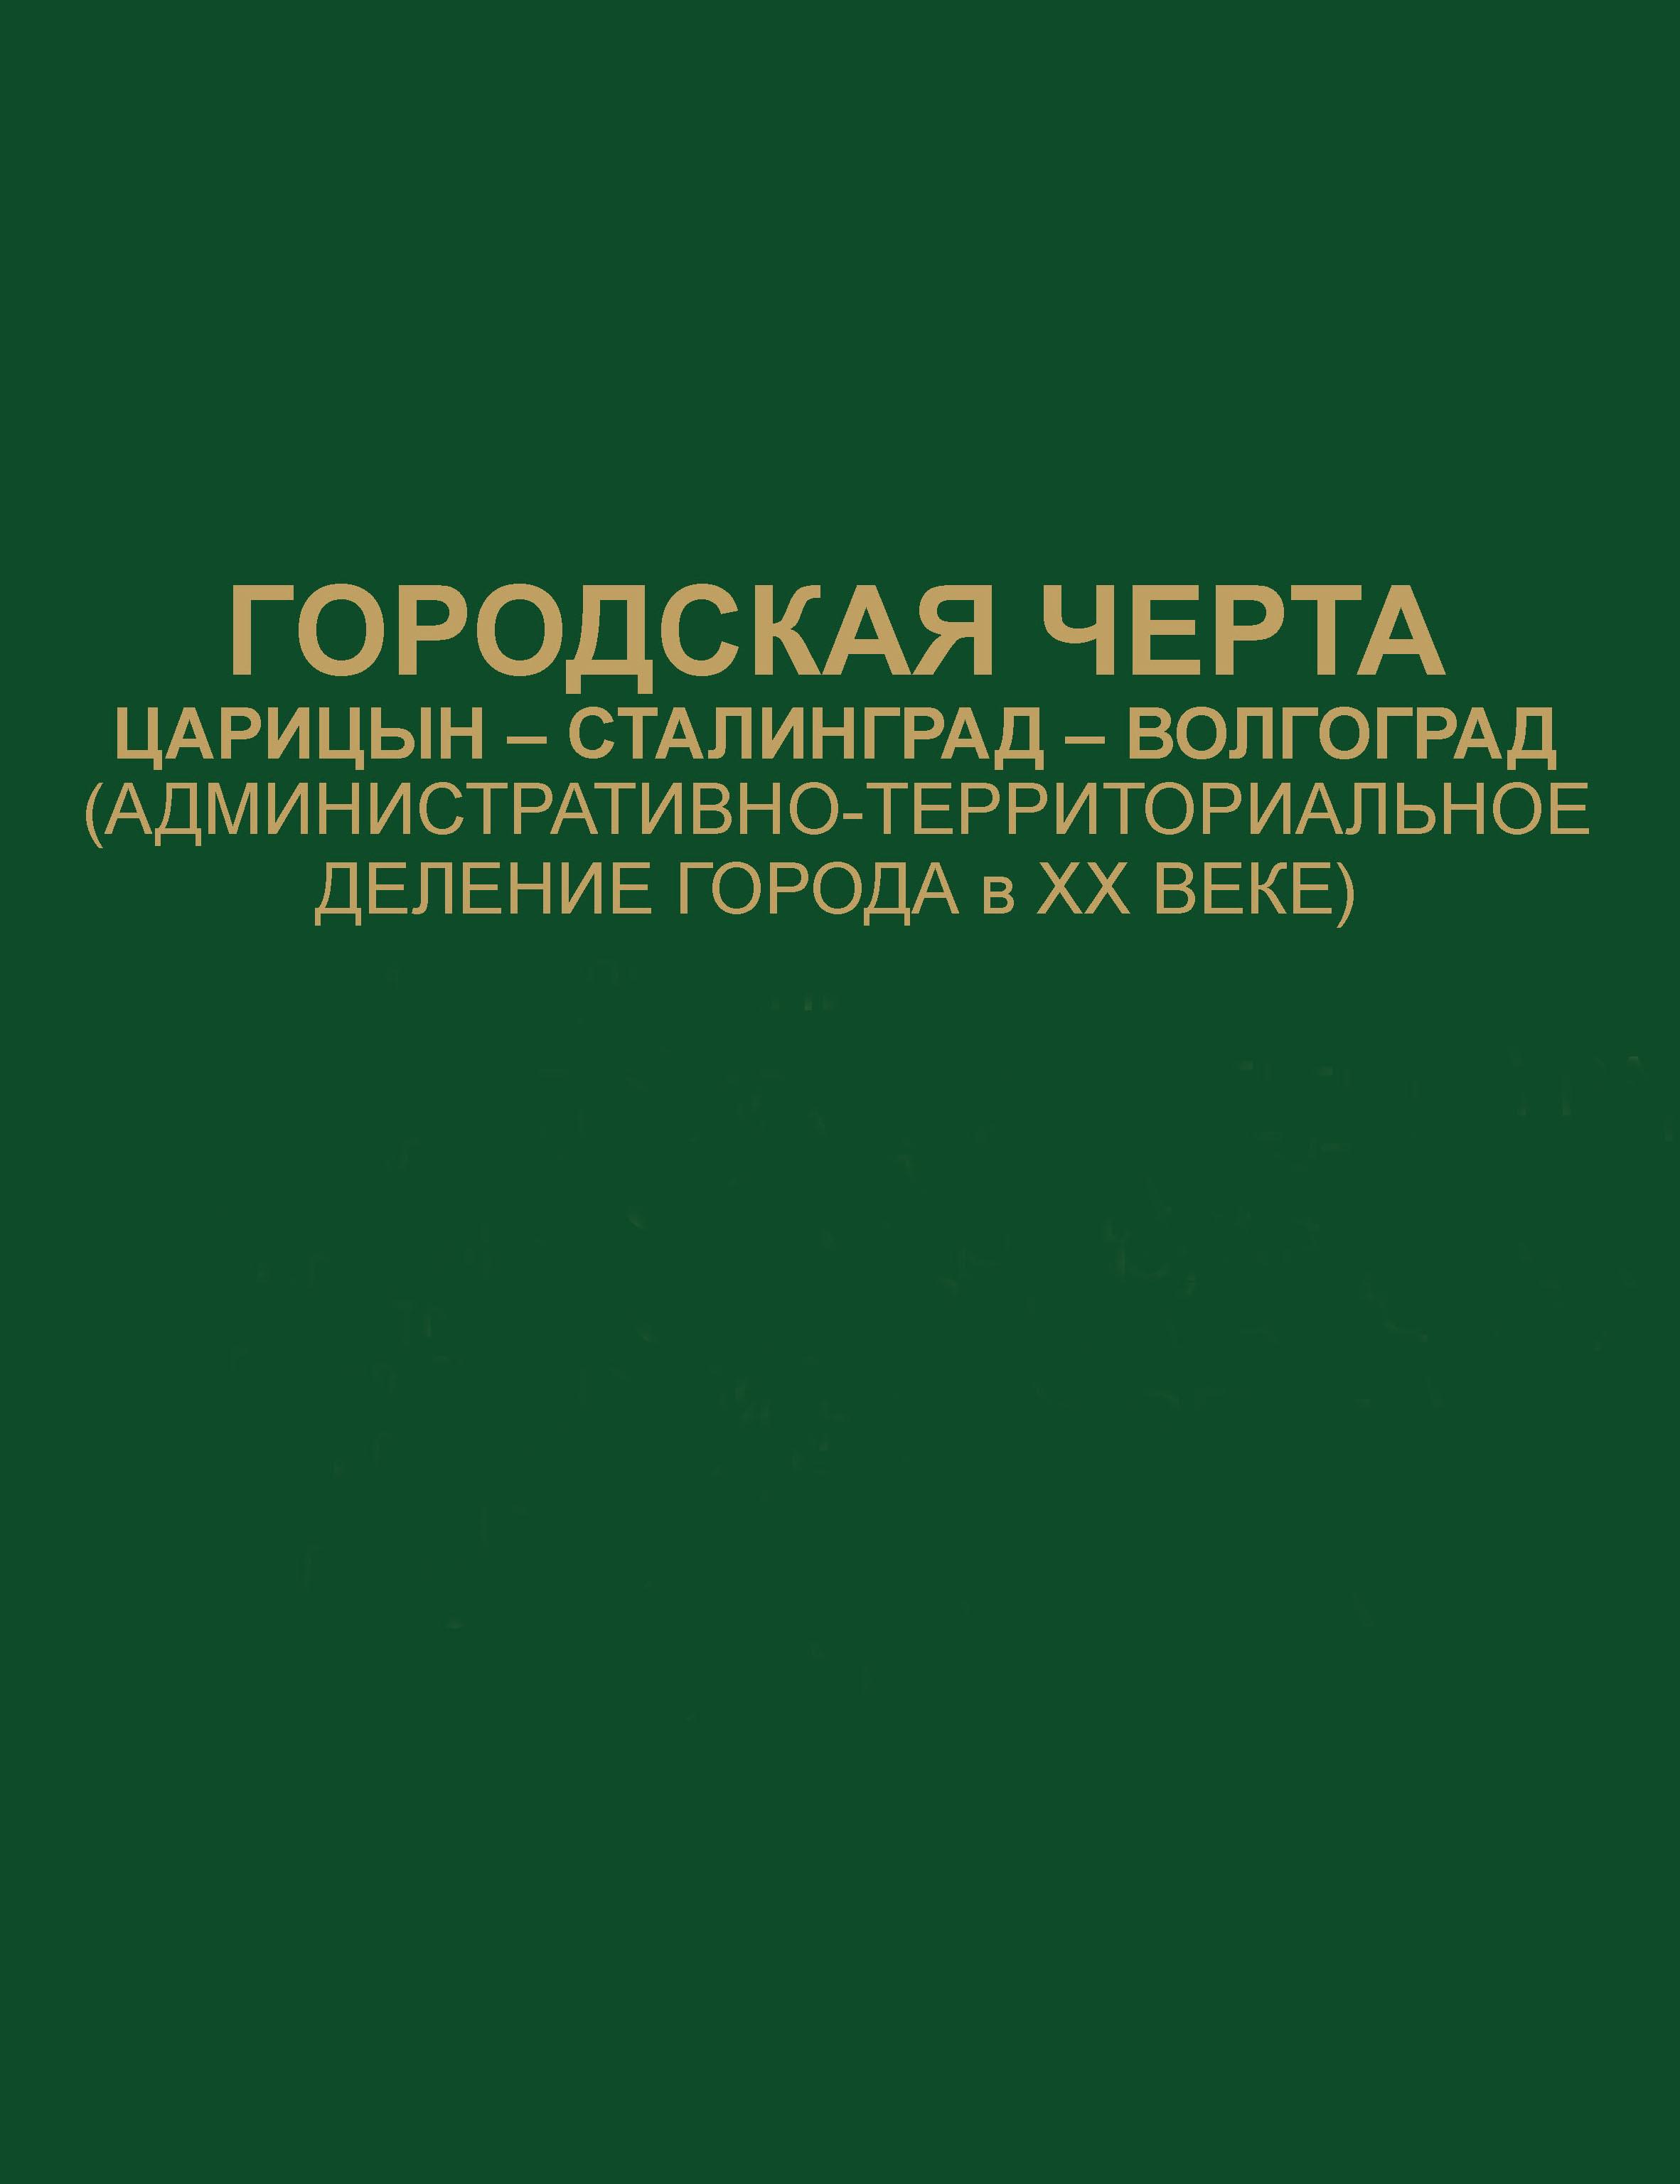 gorodskaya cherta tsaritsyn stalingrad volgograd administrativno territorialnoe delenie goroda v khkh veke dokumenty i materialy